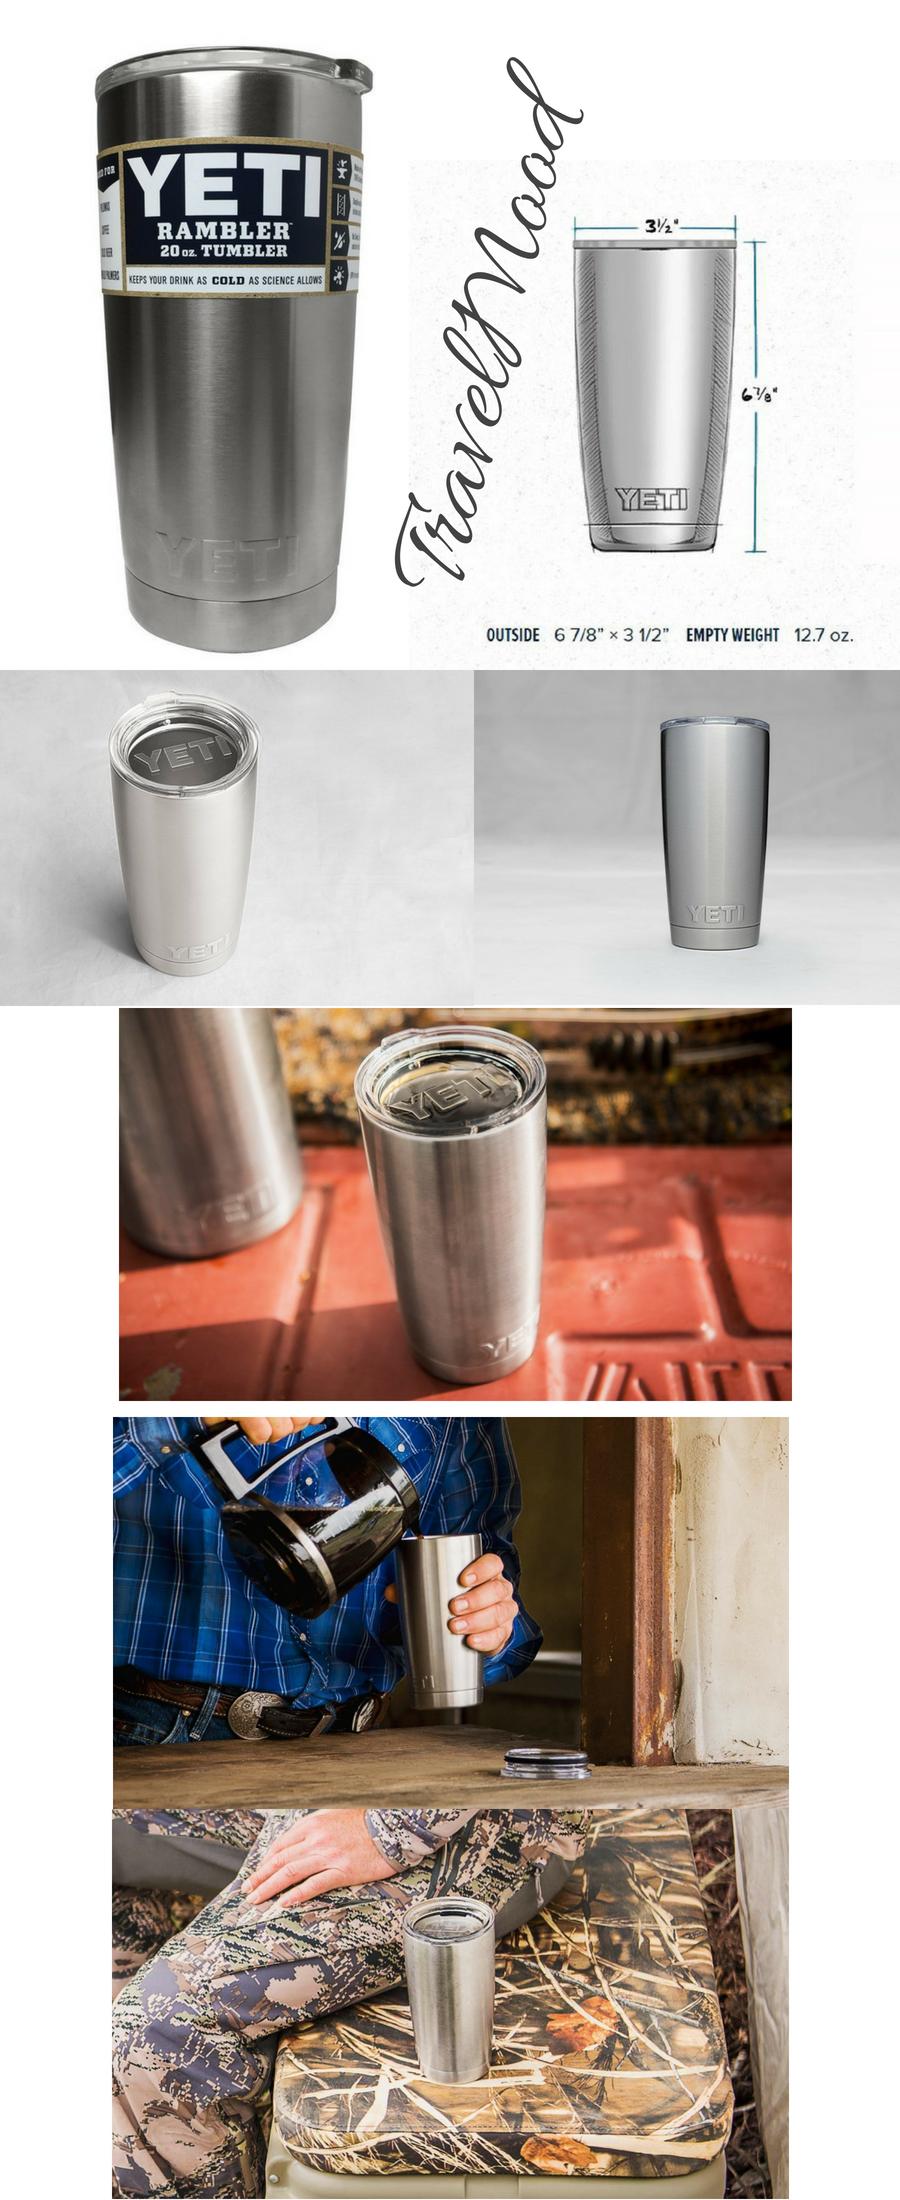 YETI Rambler 20 oz Stainless Steel Vacuum Insulated